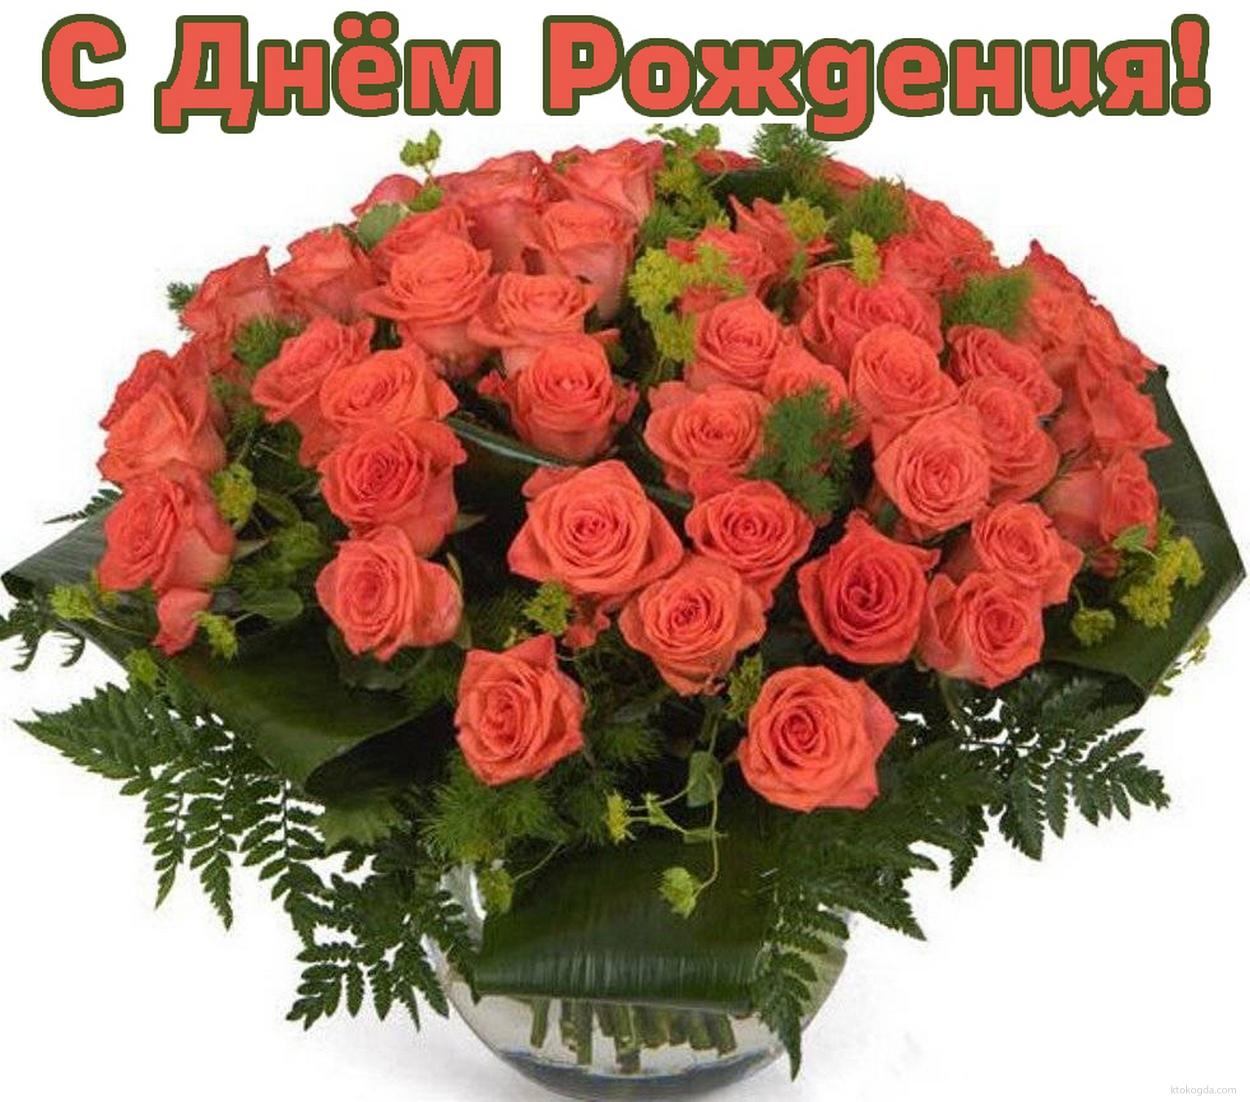 Картинки красивые цветы со смыслом (37 фото) Прикольные 8